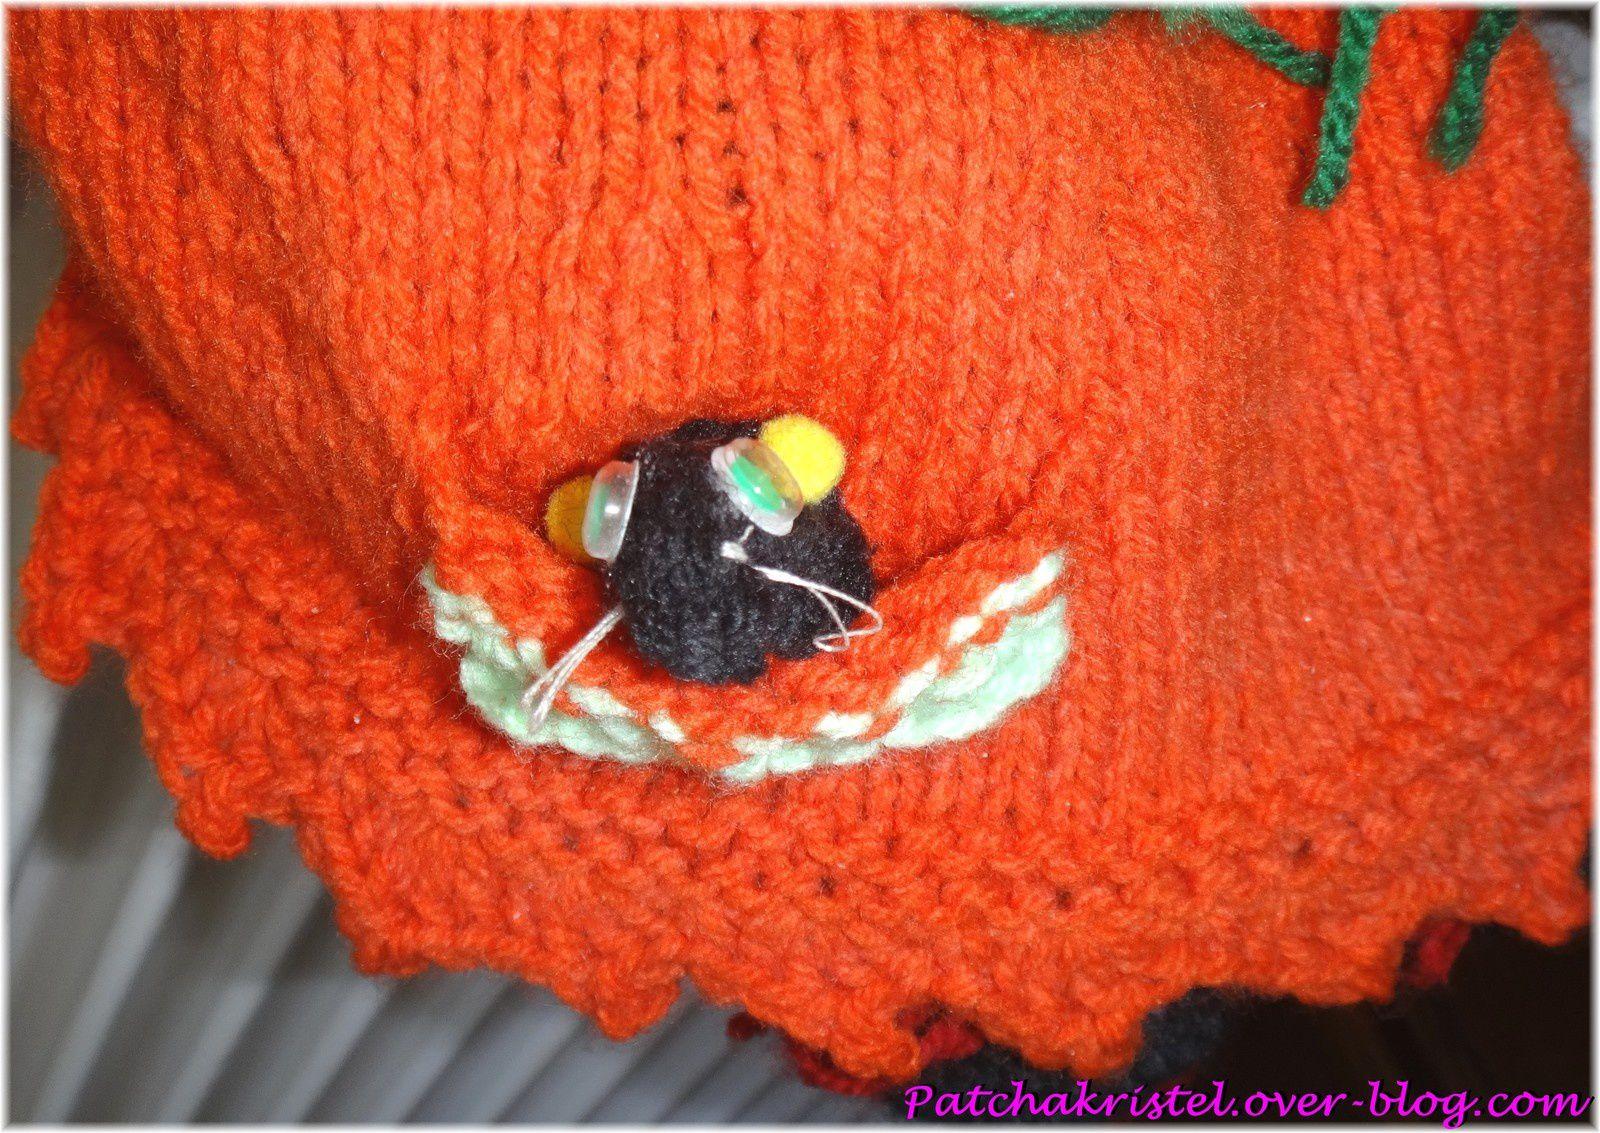 Décor pour Halloween - Sorcière faite à la main en tricot et crochet - zoom sur la poche avec une sourie